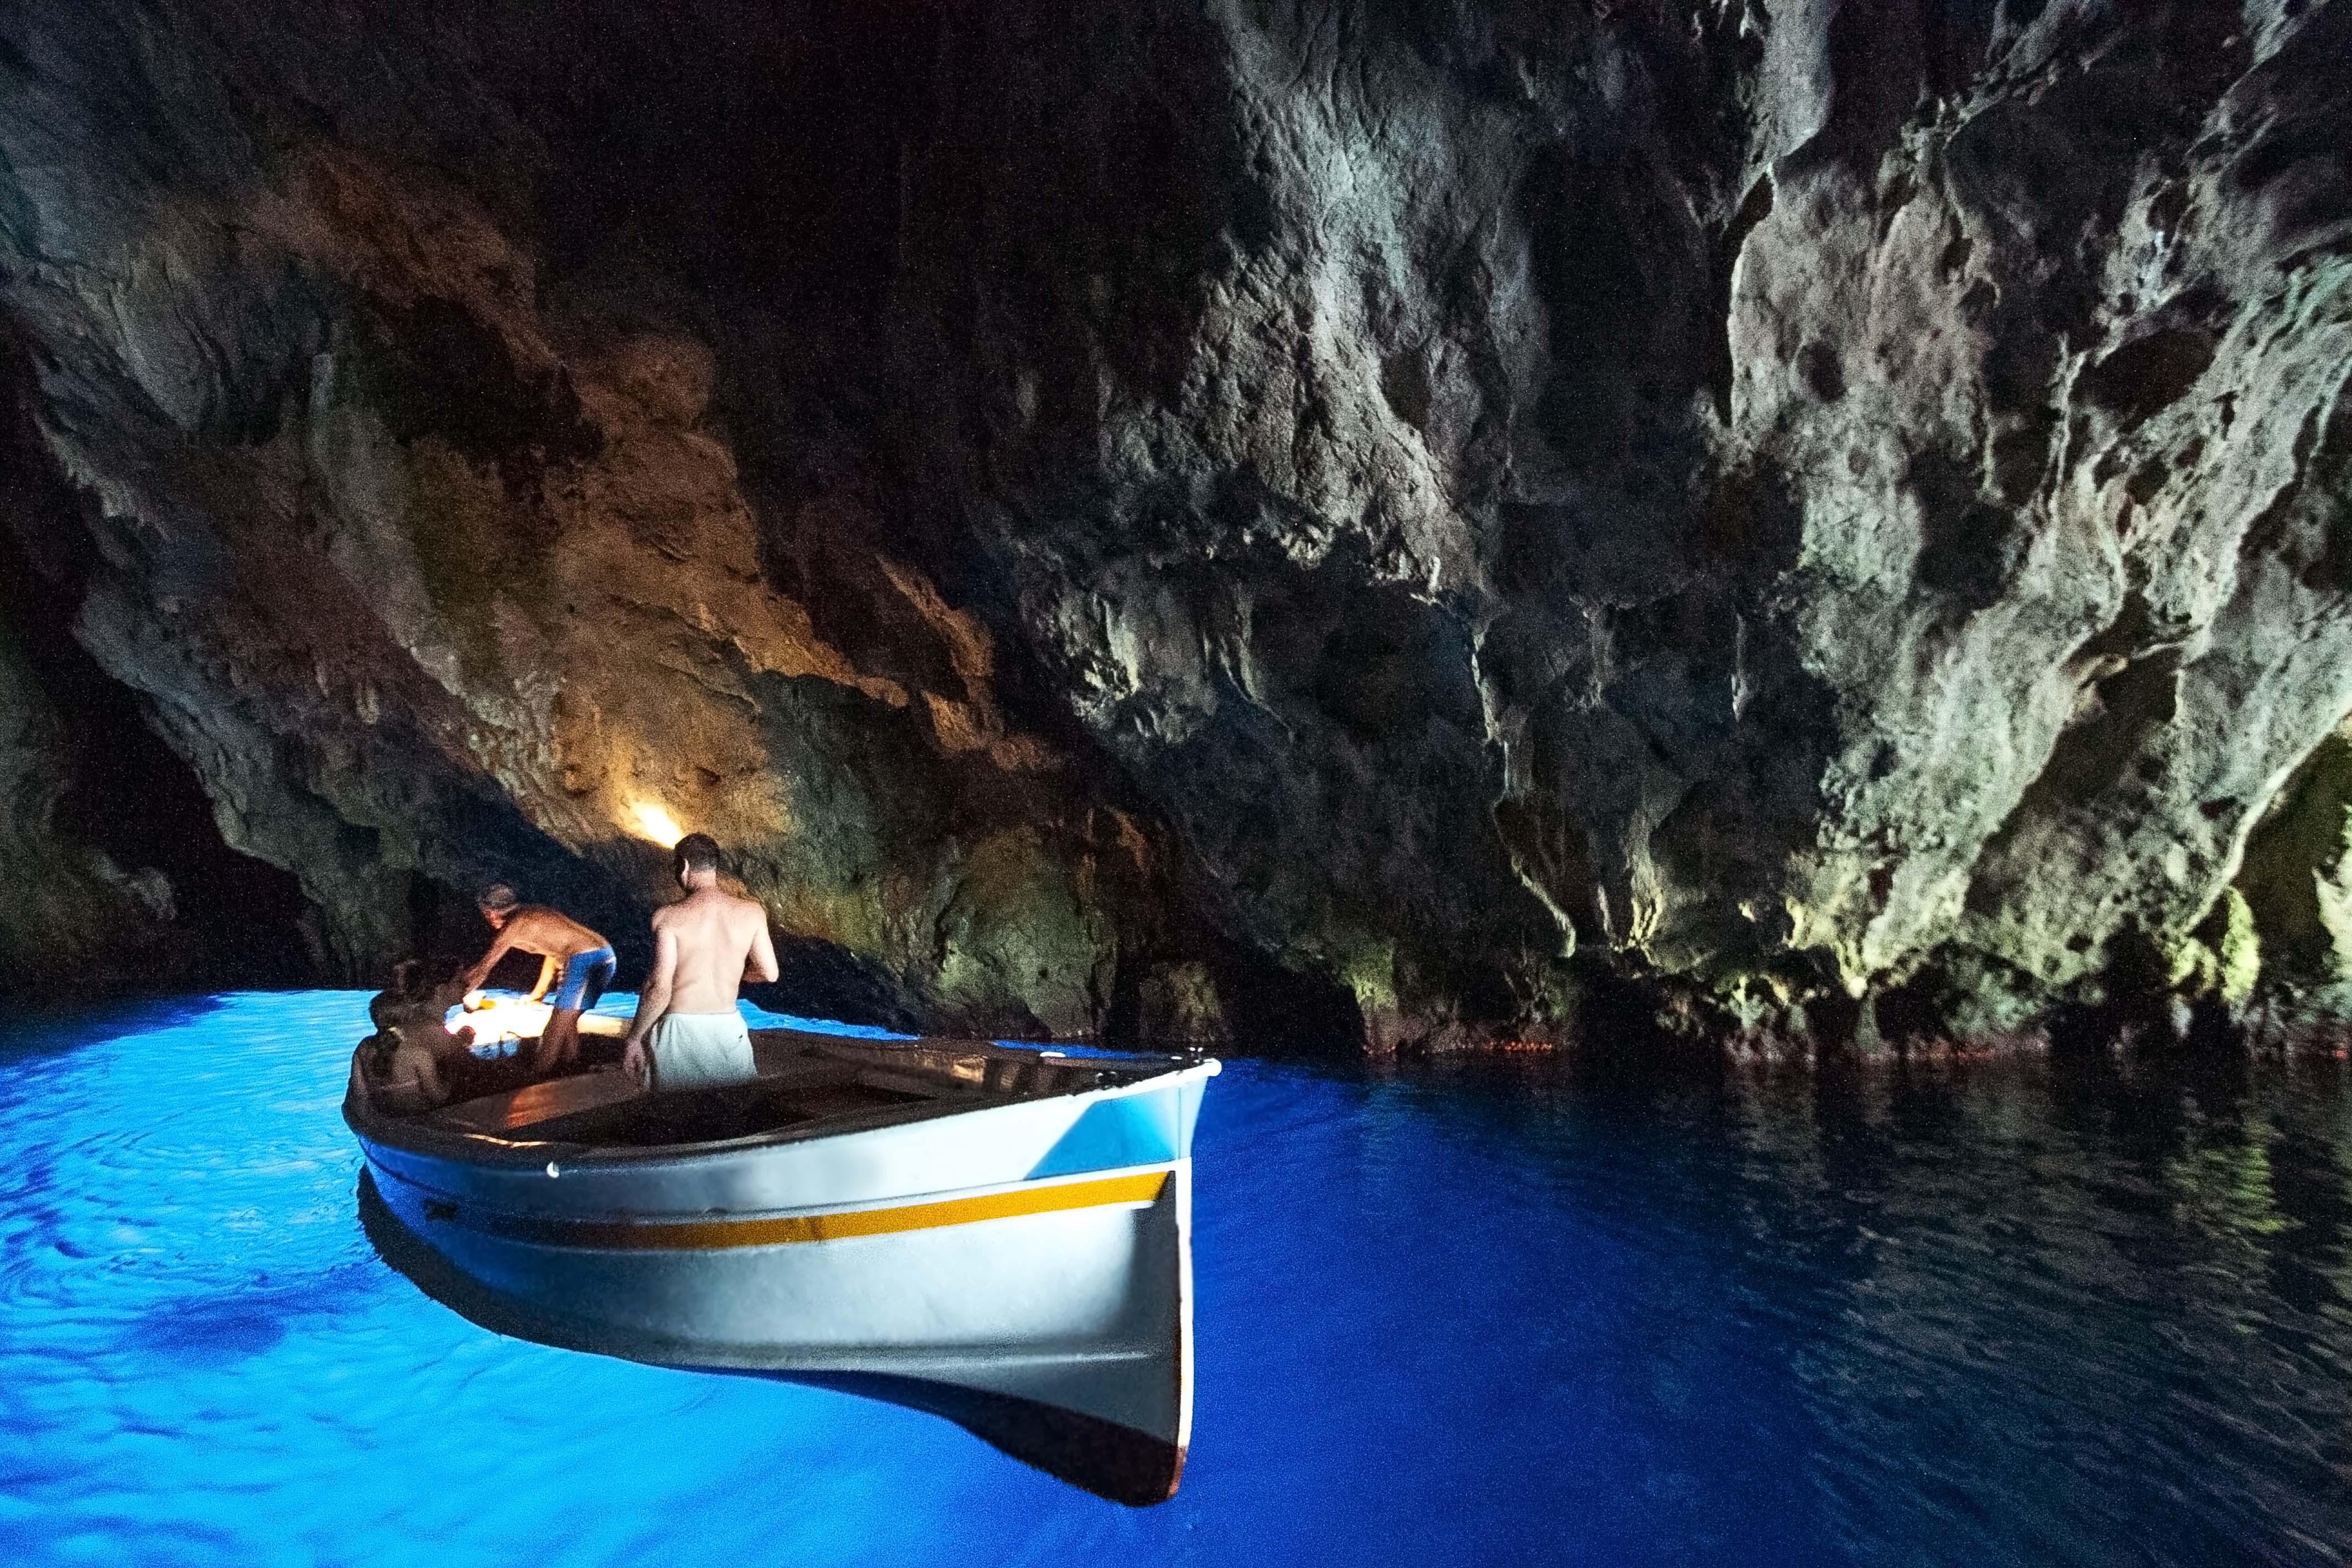 Alla scoperta delle suggestive e misteriose grotte di for Quanto costa un uomo in grotta